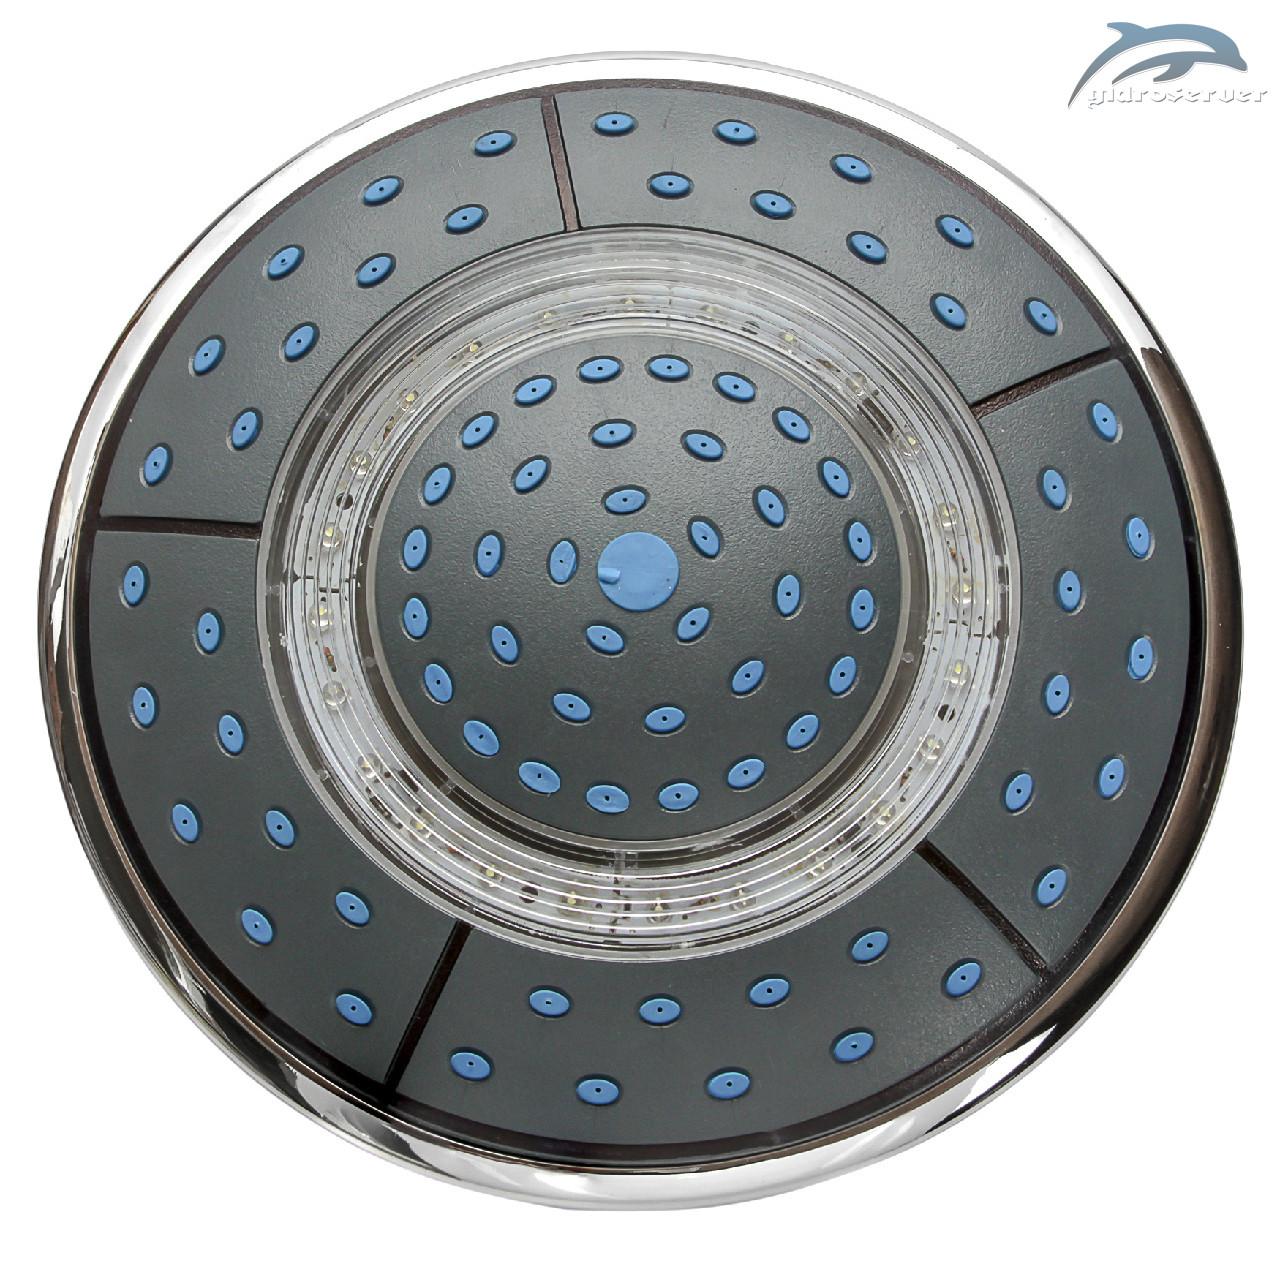 Озера верхнього душу для душової кабіни, гідробоксу L - 250 Lamp з підсвічуванням.